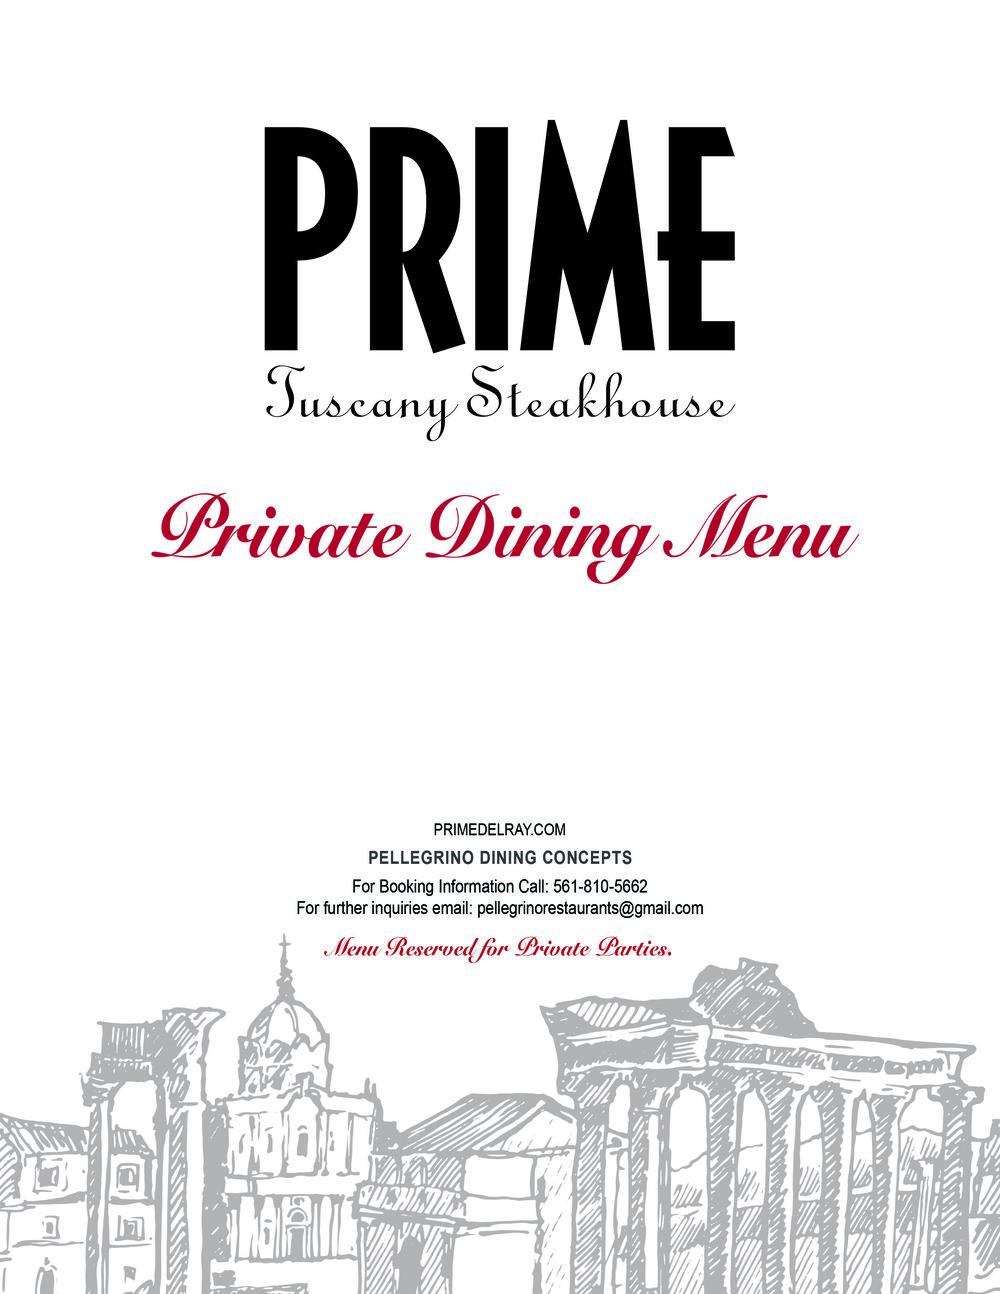 13512_PDC_Prime_PrivateEvent_Menus_8-5x11_100818_V2-1.jpg